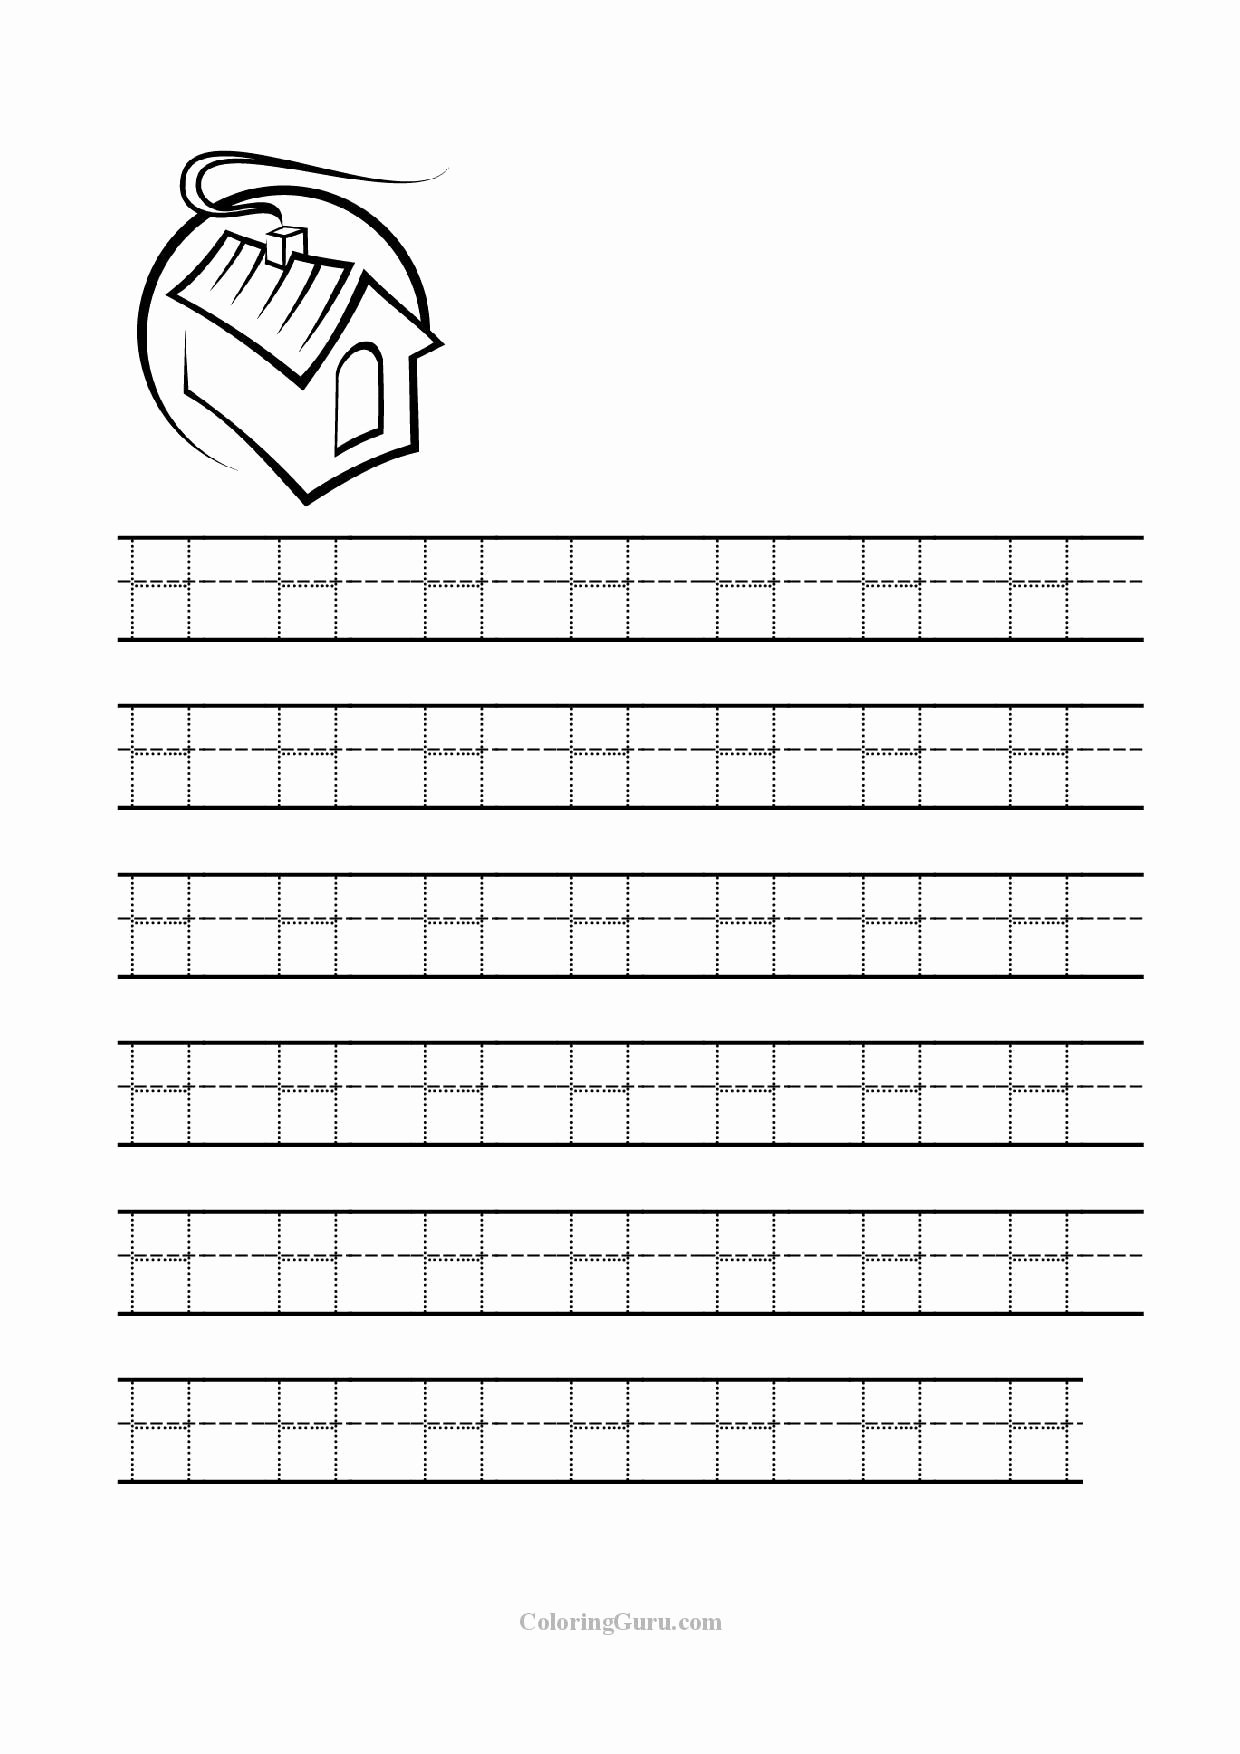 Tracing the Letter H Worksheets for Preschoolers Fresh Guruparents Letter H Worksheets